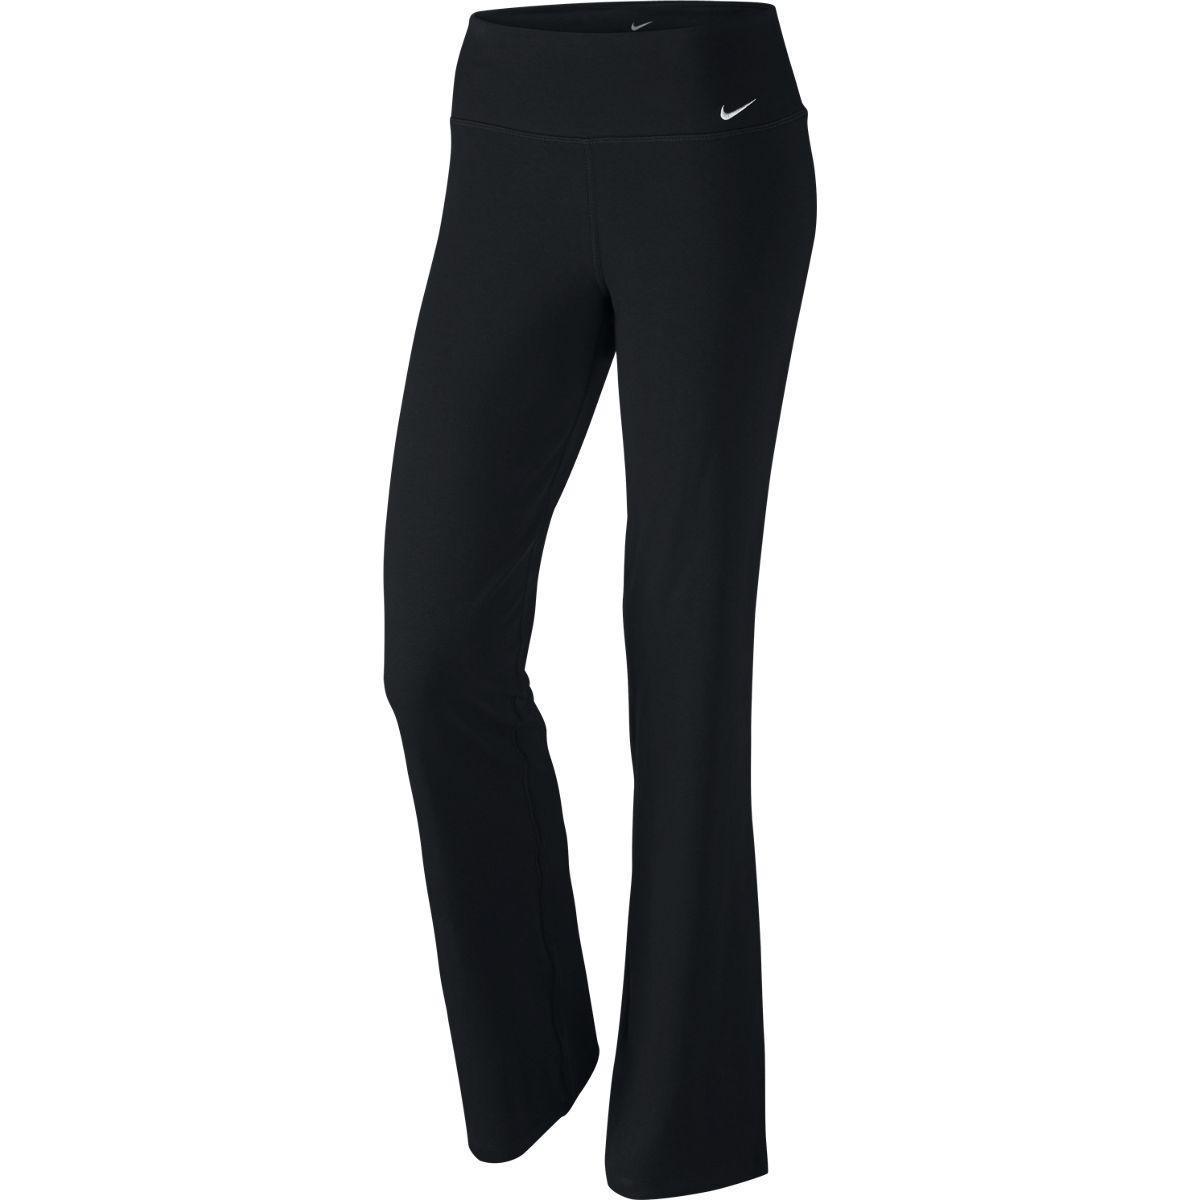 vente boutique pour vente authentique se Nike Ajustement Pantalon Classique En Coton Femmes Légende De Dri gros rabais KDAXce3f